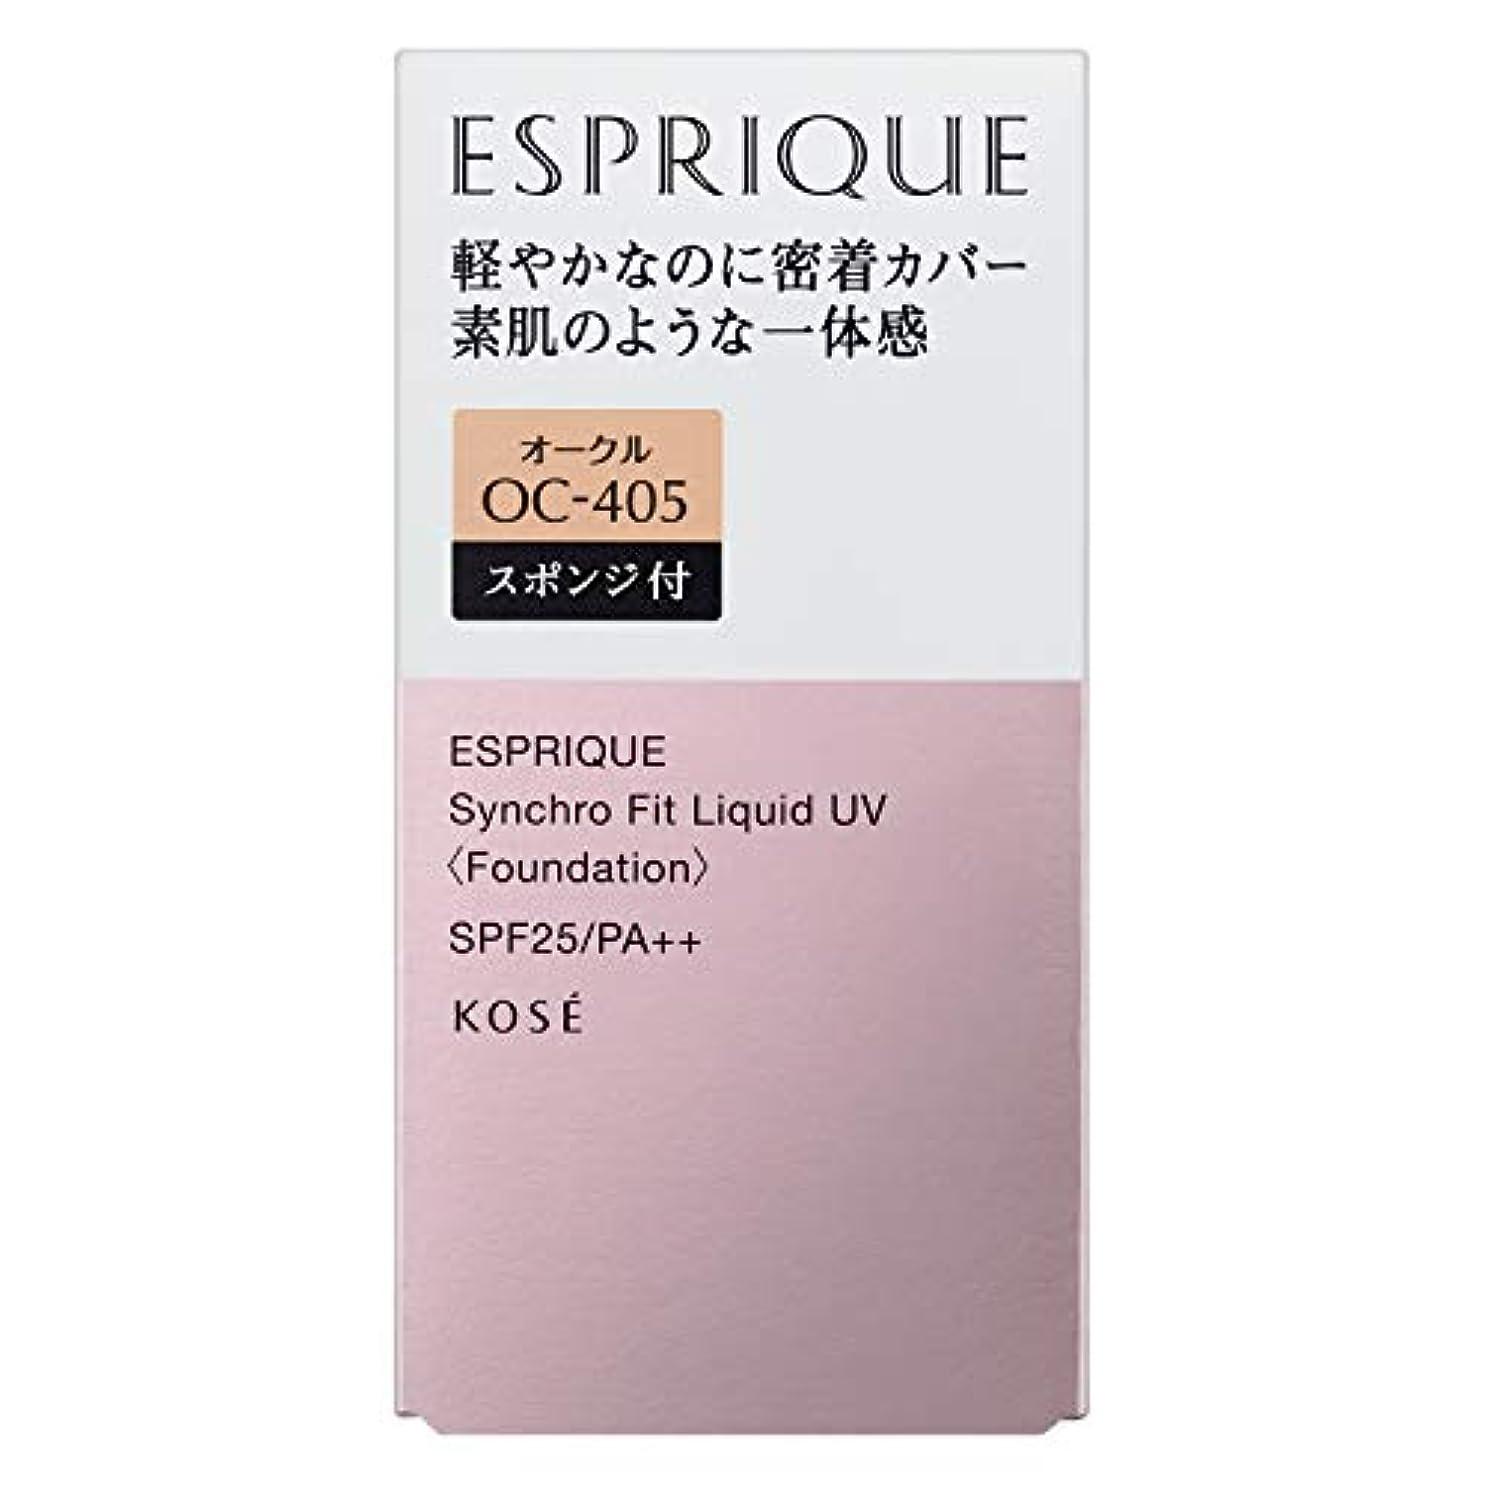 台風揮発性私たち自身ESPRIQUE(エスプリーク) エスプリーク シンクロフィット リキッド UV ファンデーション 無香料 OC-405 オークル 30g